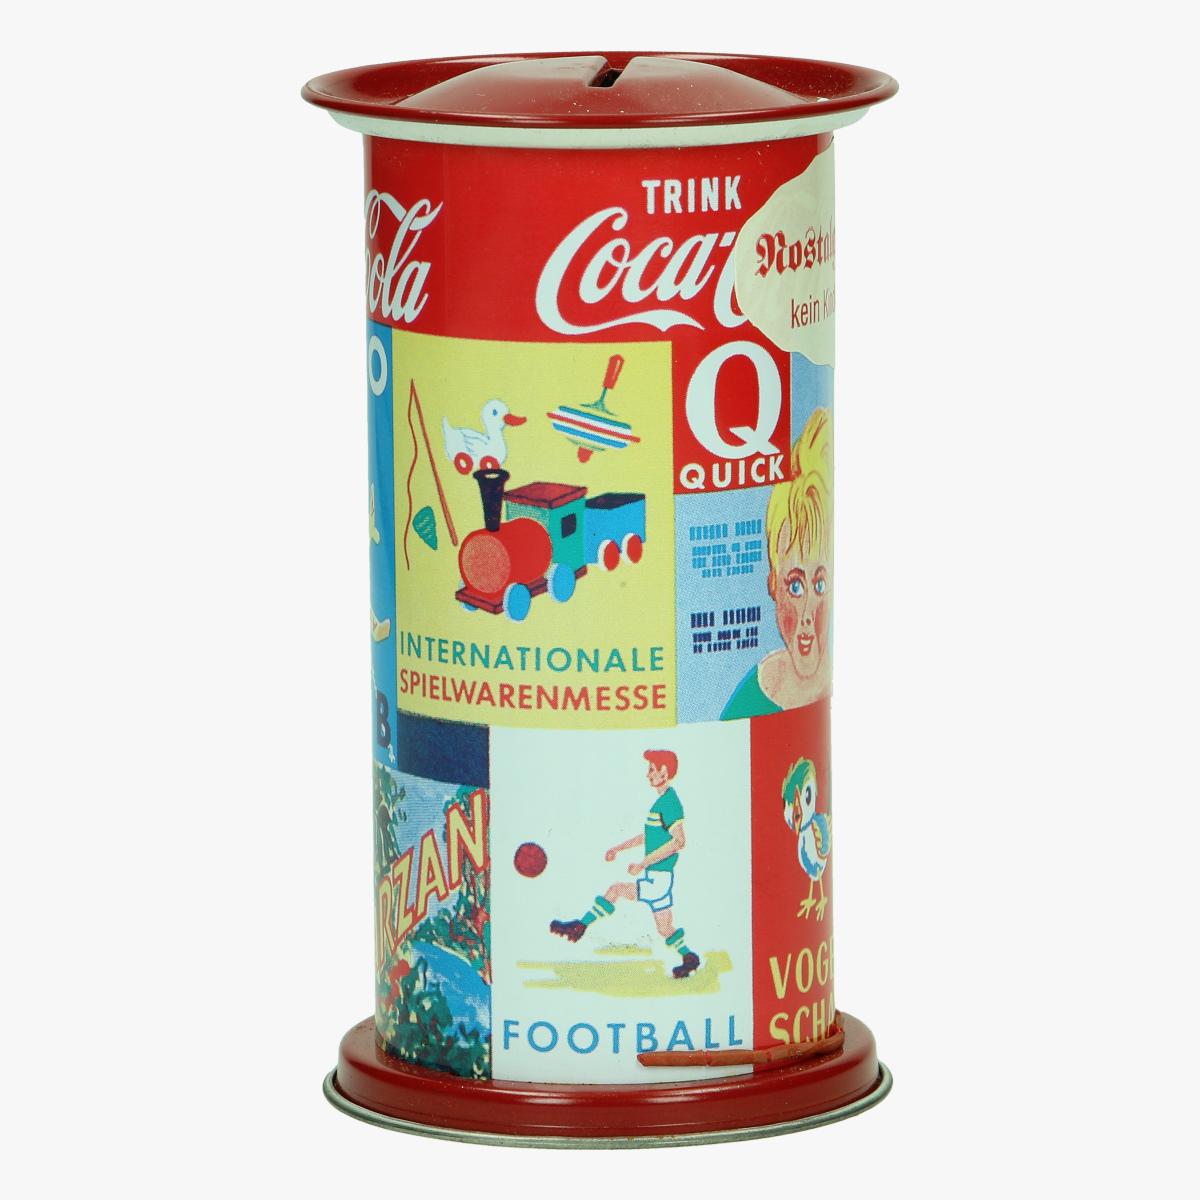 Afbeeldingen van blikken spaarpot repro coca cola